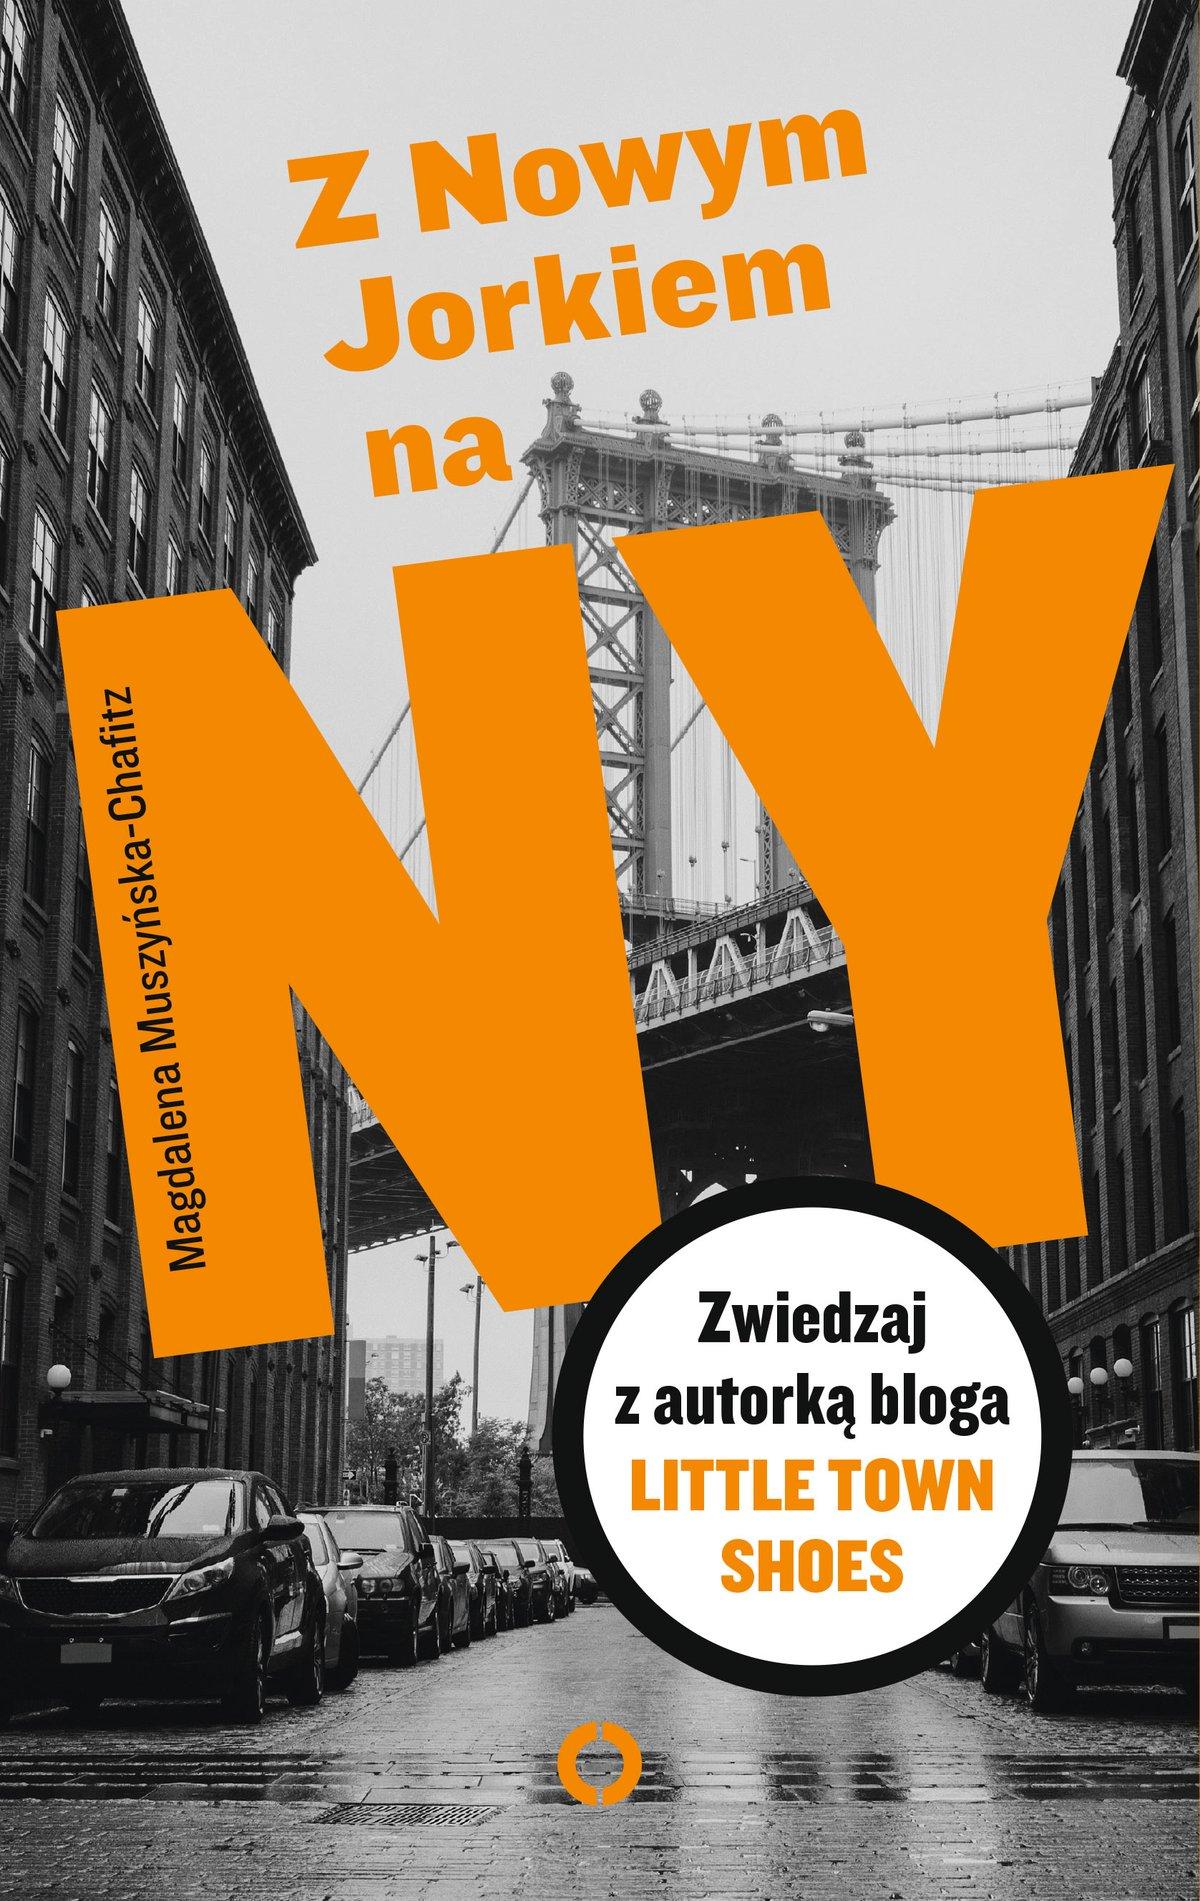 Z Nowym Jorkiem na NY - Ebook (Książka na Kindle) do pobrania w formacie MOBI